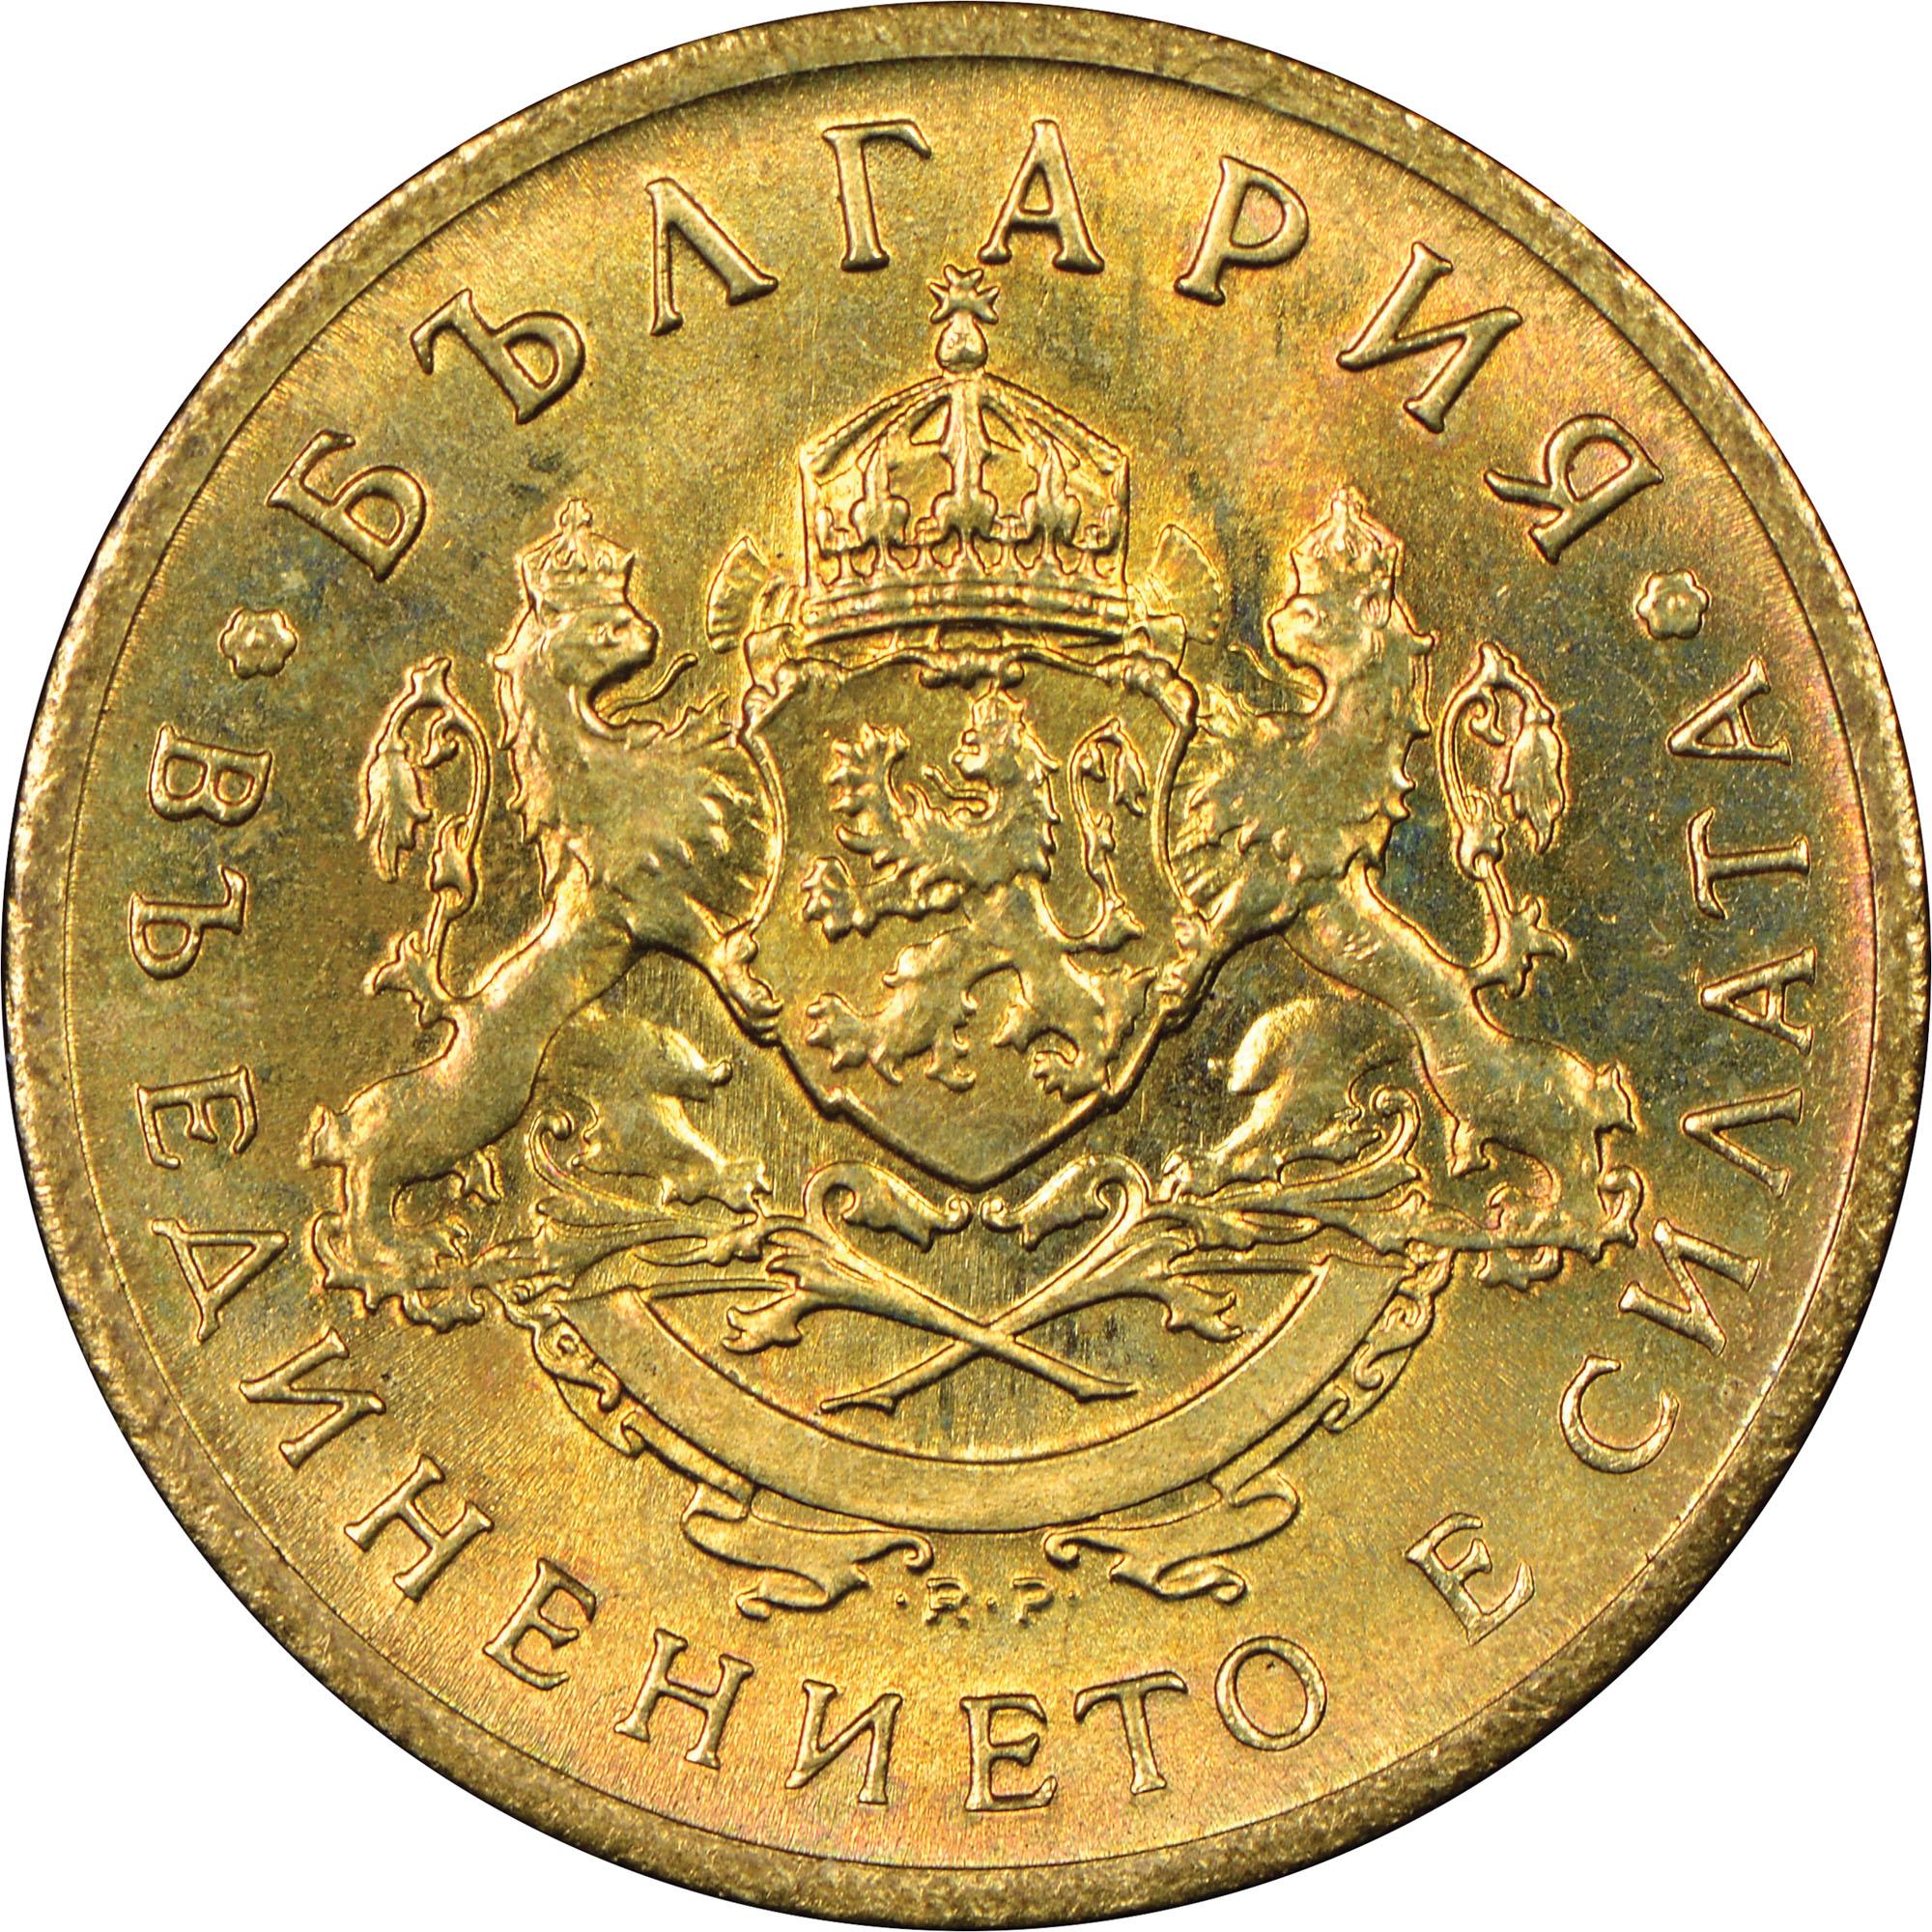 1937 Bulgaria 50 Stotinki obverse